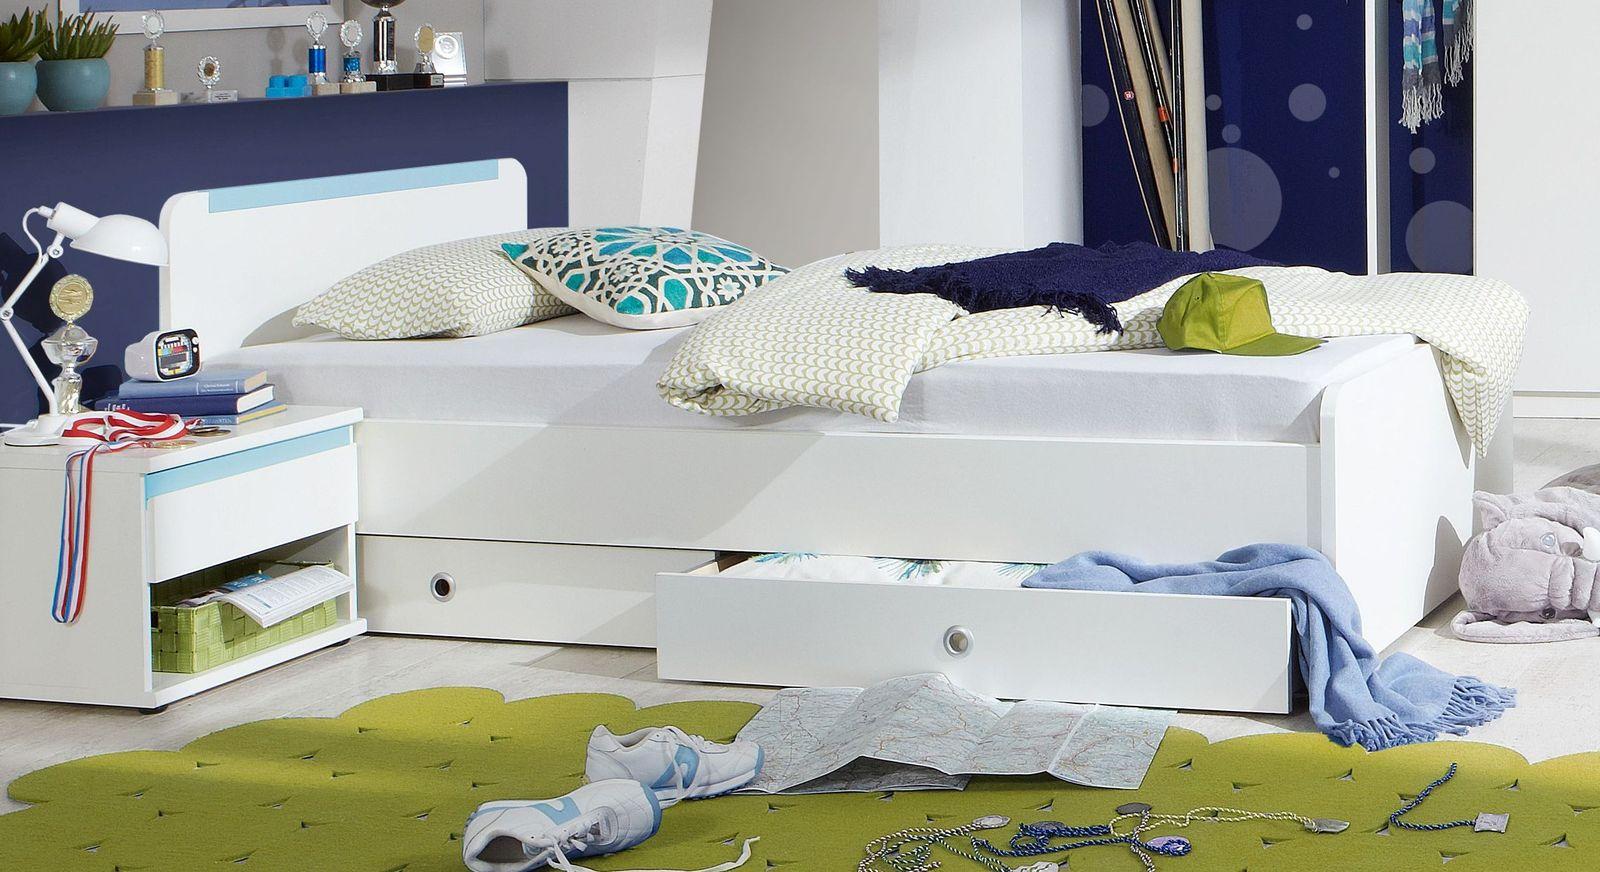 jugendbett 90x200 cm f r jungen optionale schublade los pinos. Black Bedroom Furniture Sets. Home Design Ideas